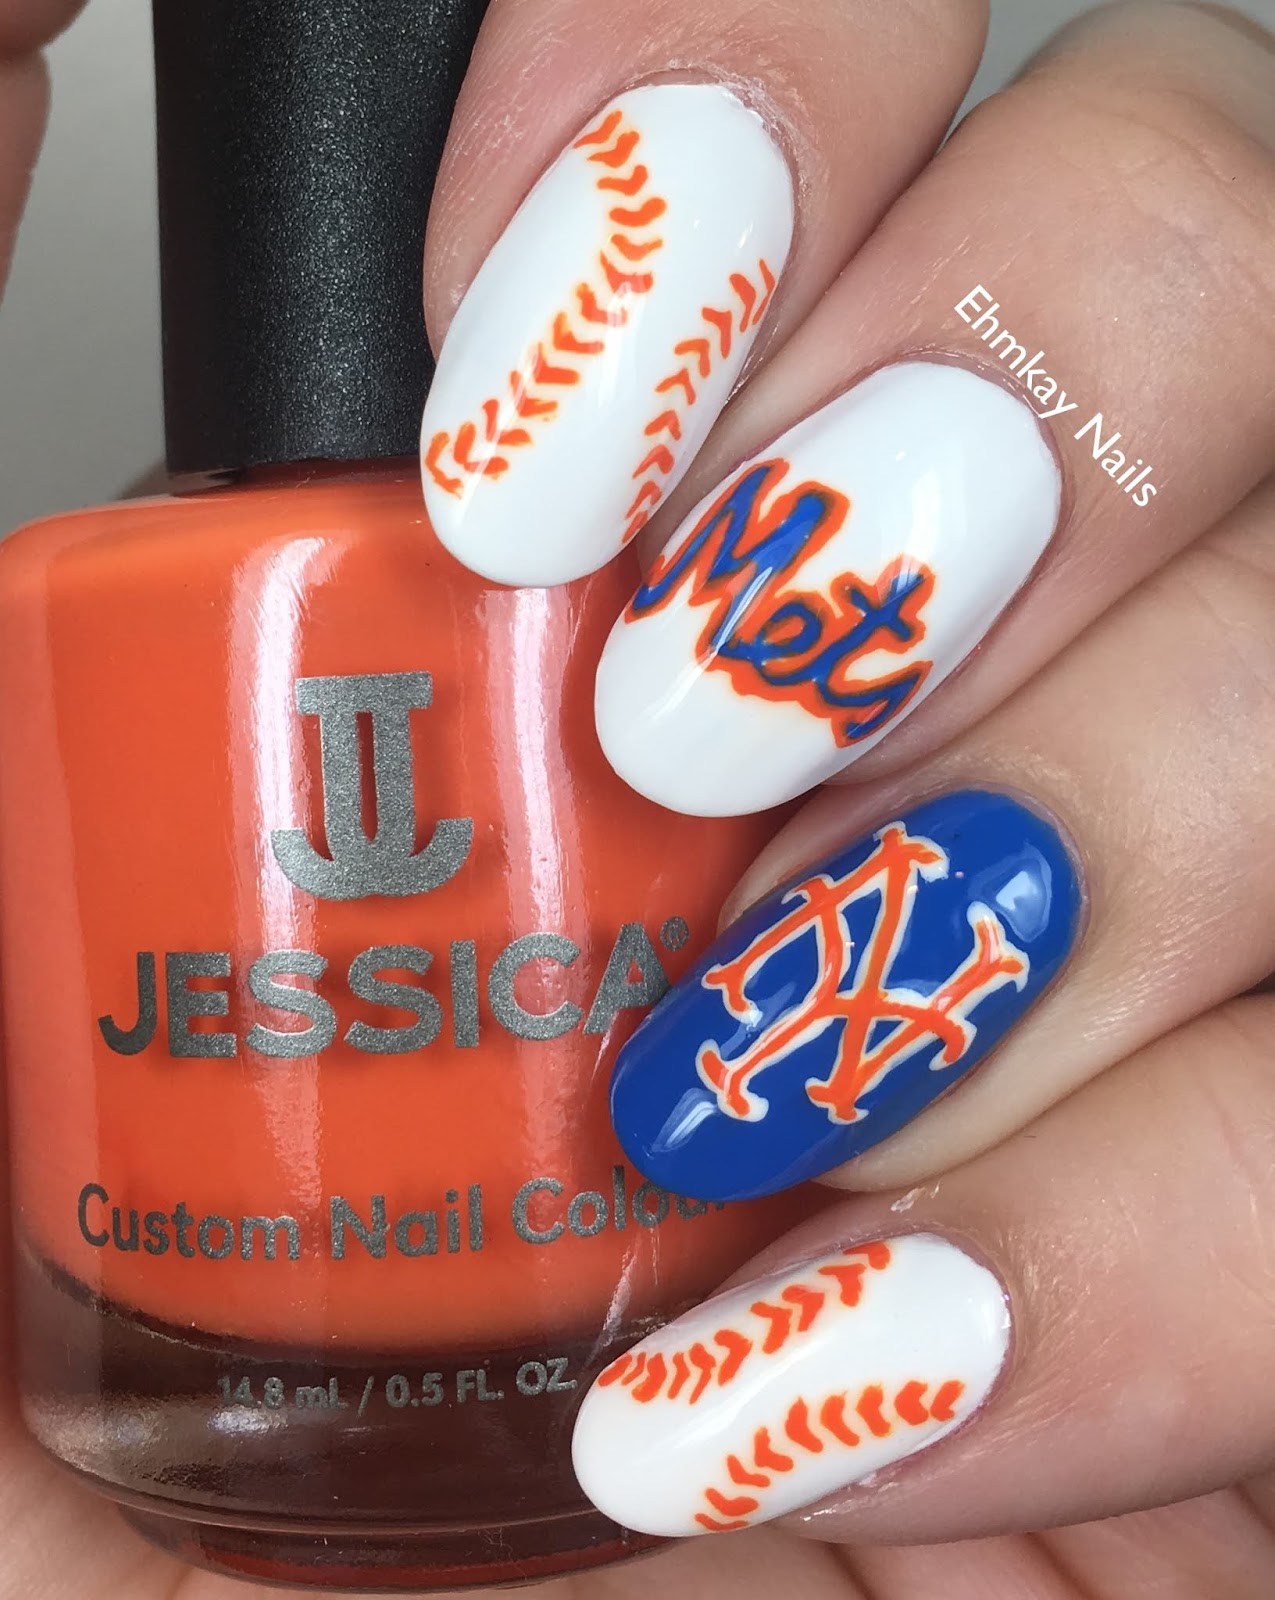 ehmkay nails: New York Mets Nail Art